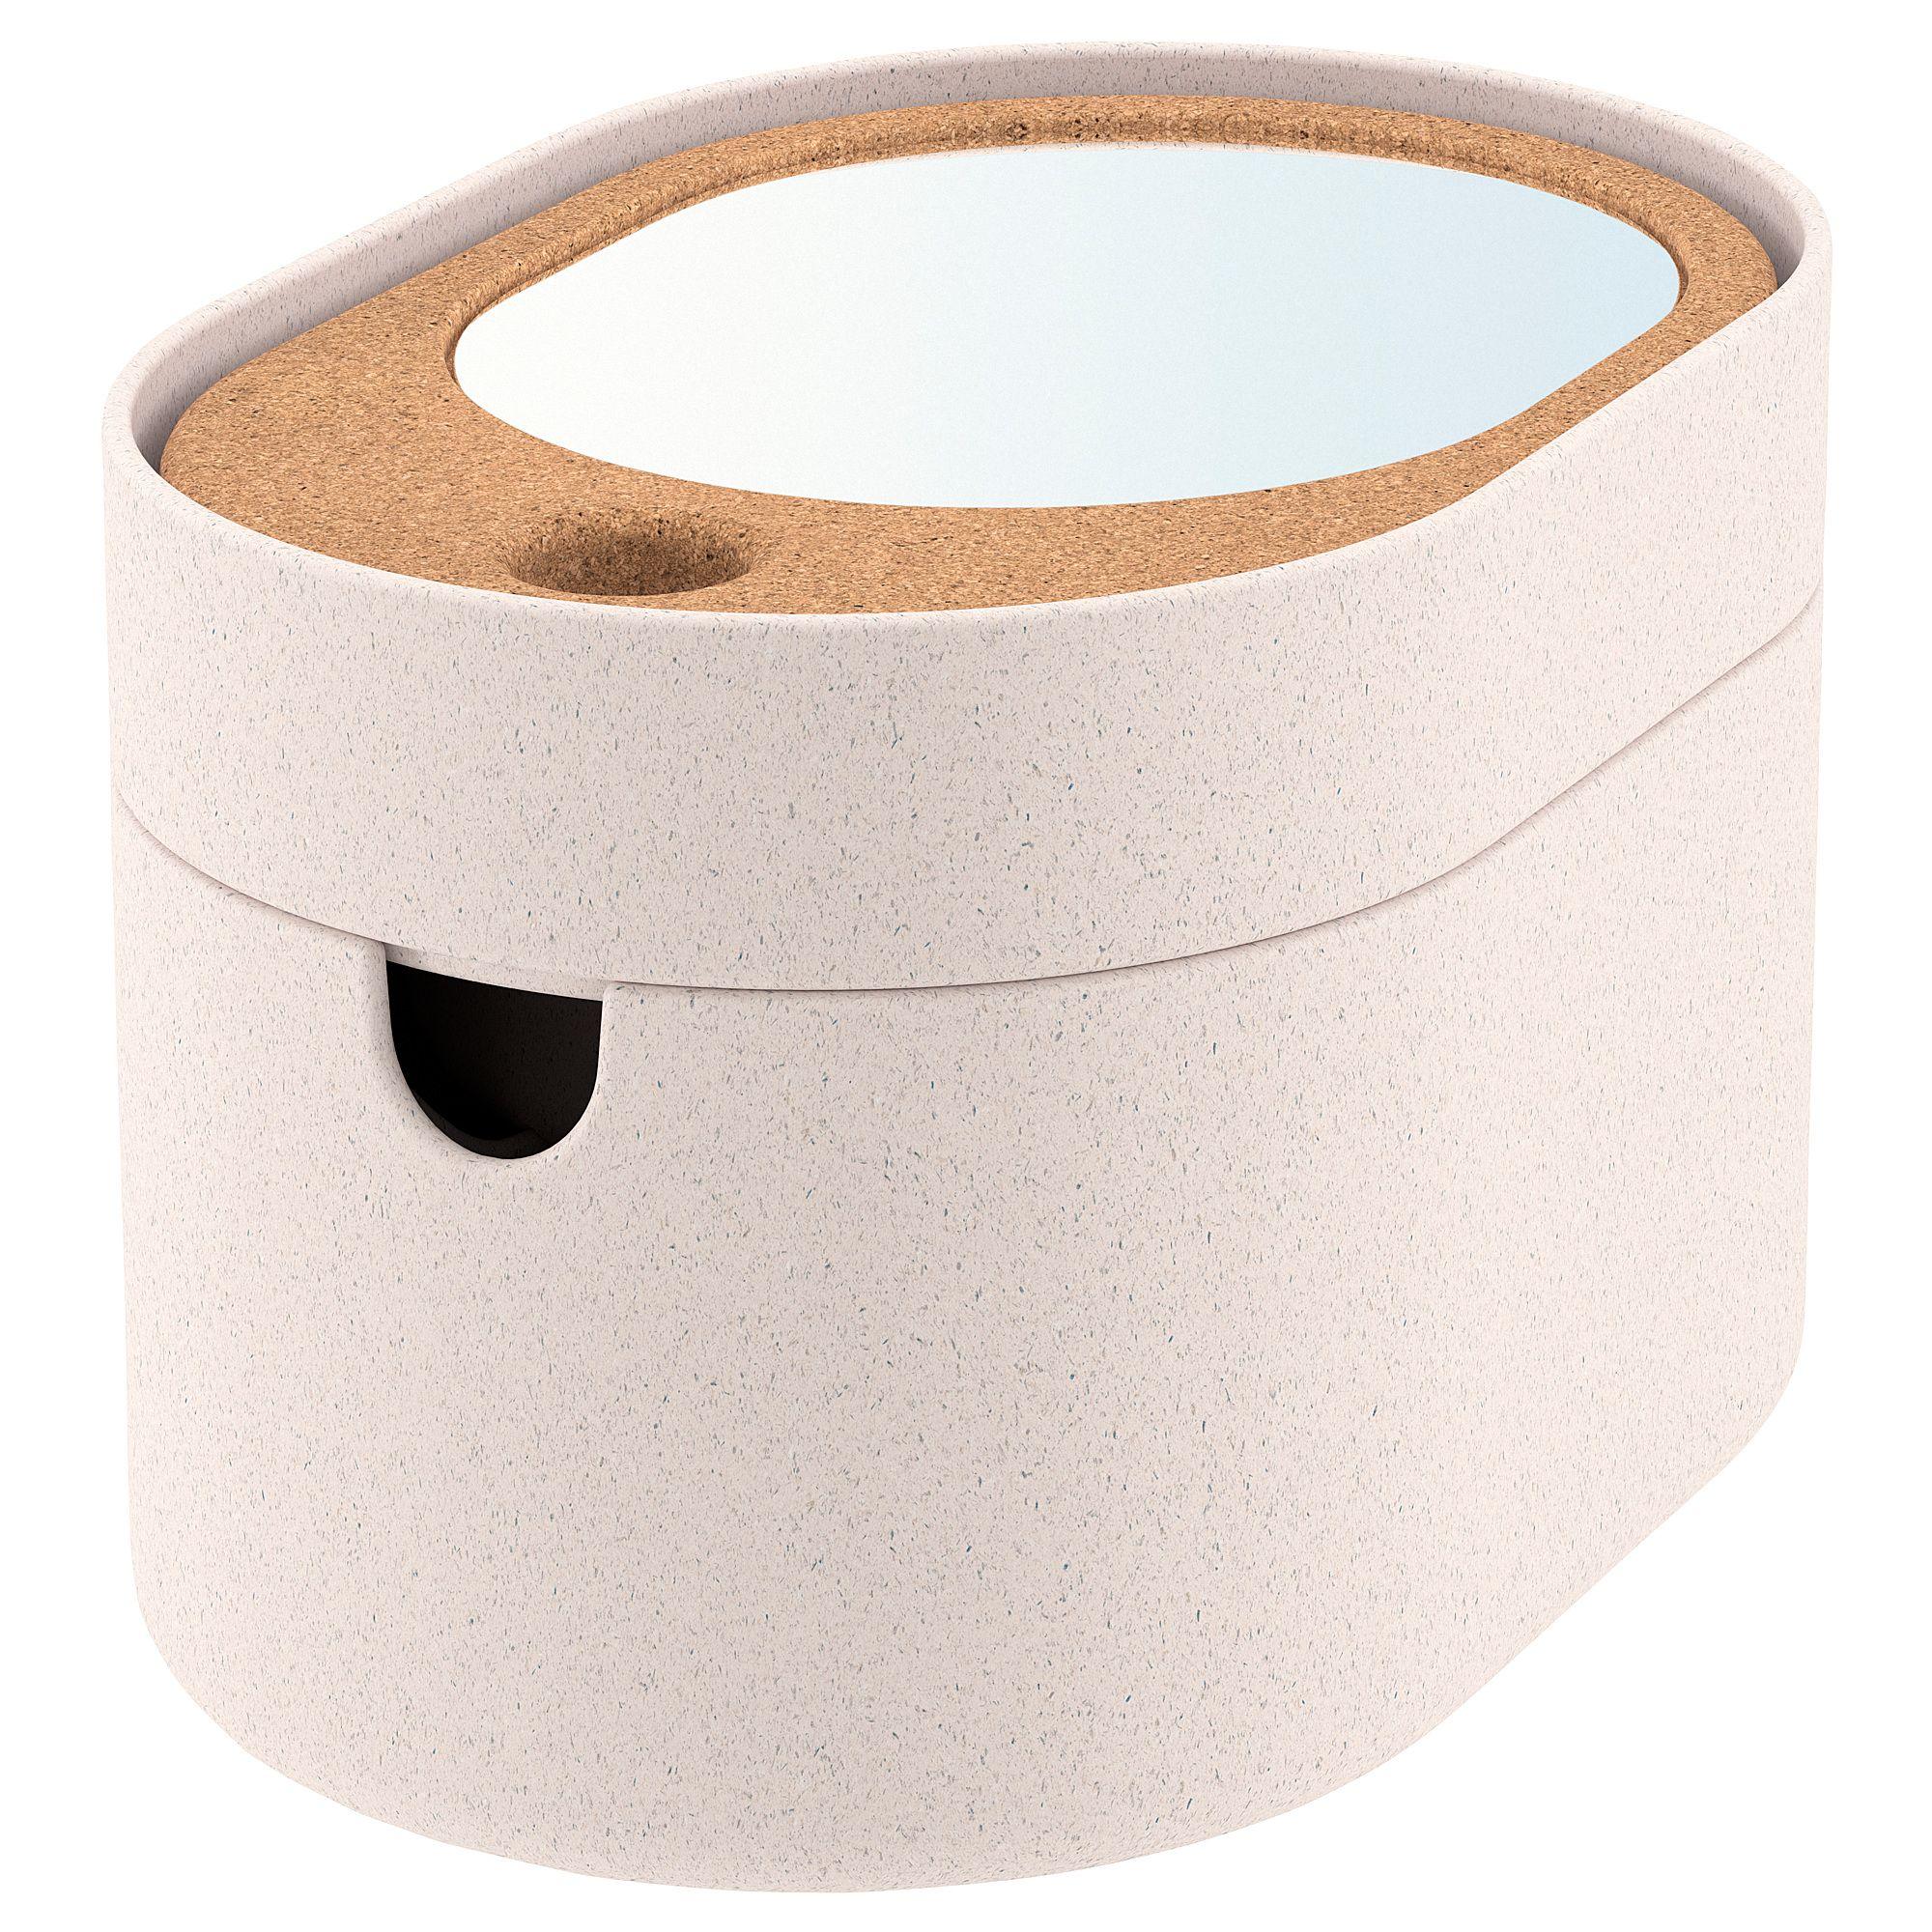 Saxborga Contenitore Coperchio A Specchio Plastica Sughero 24x17 Cm Ikea It Specchi Ikea Contenitori